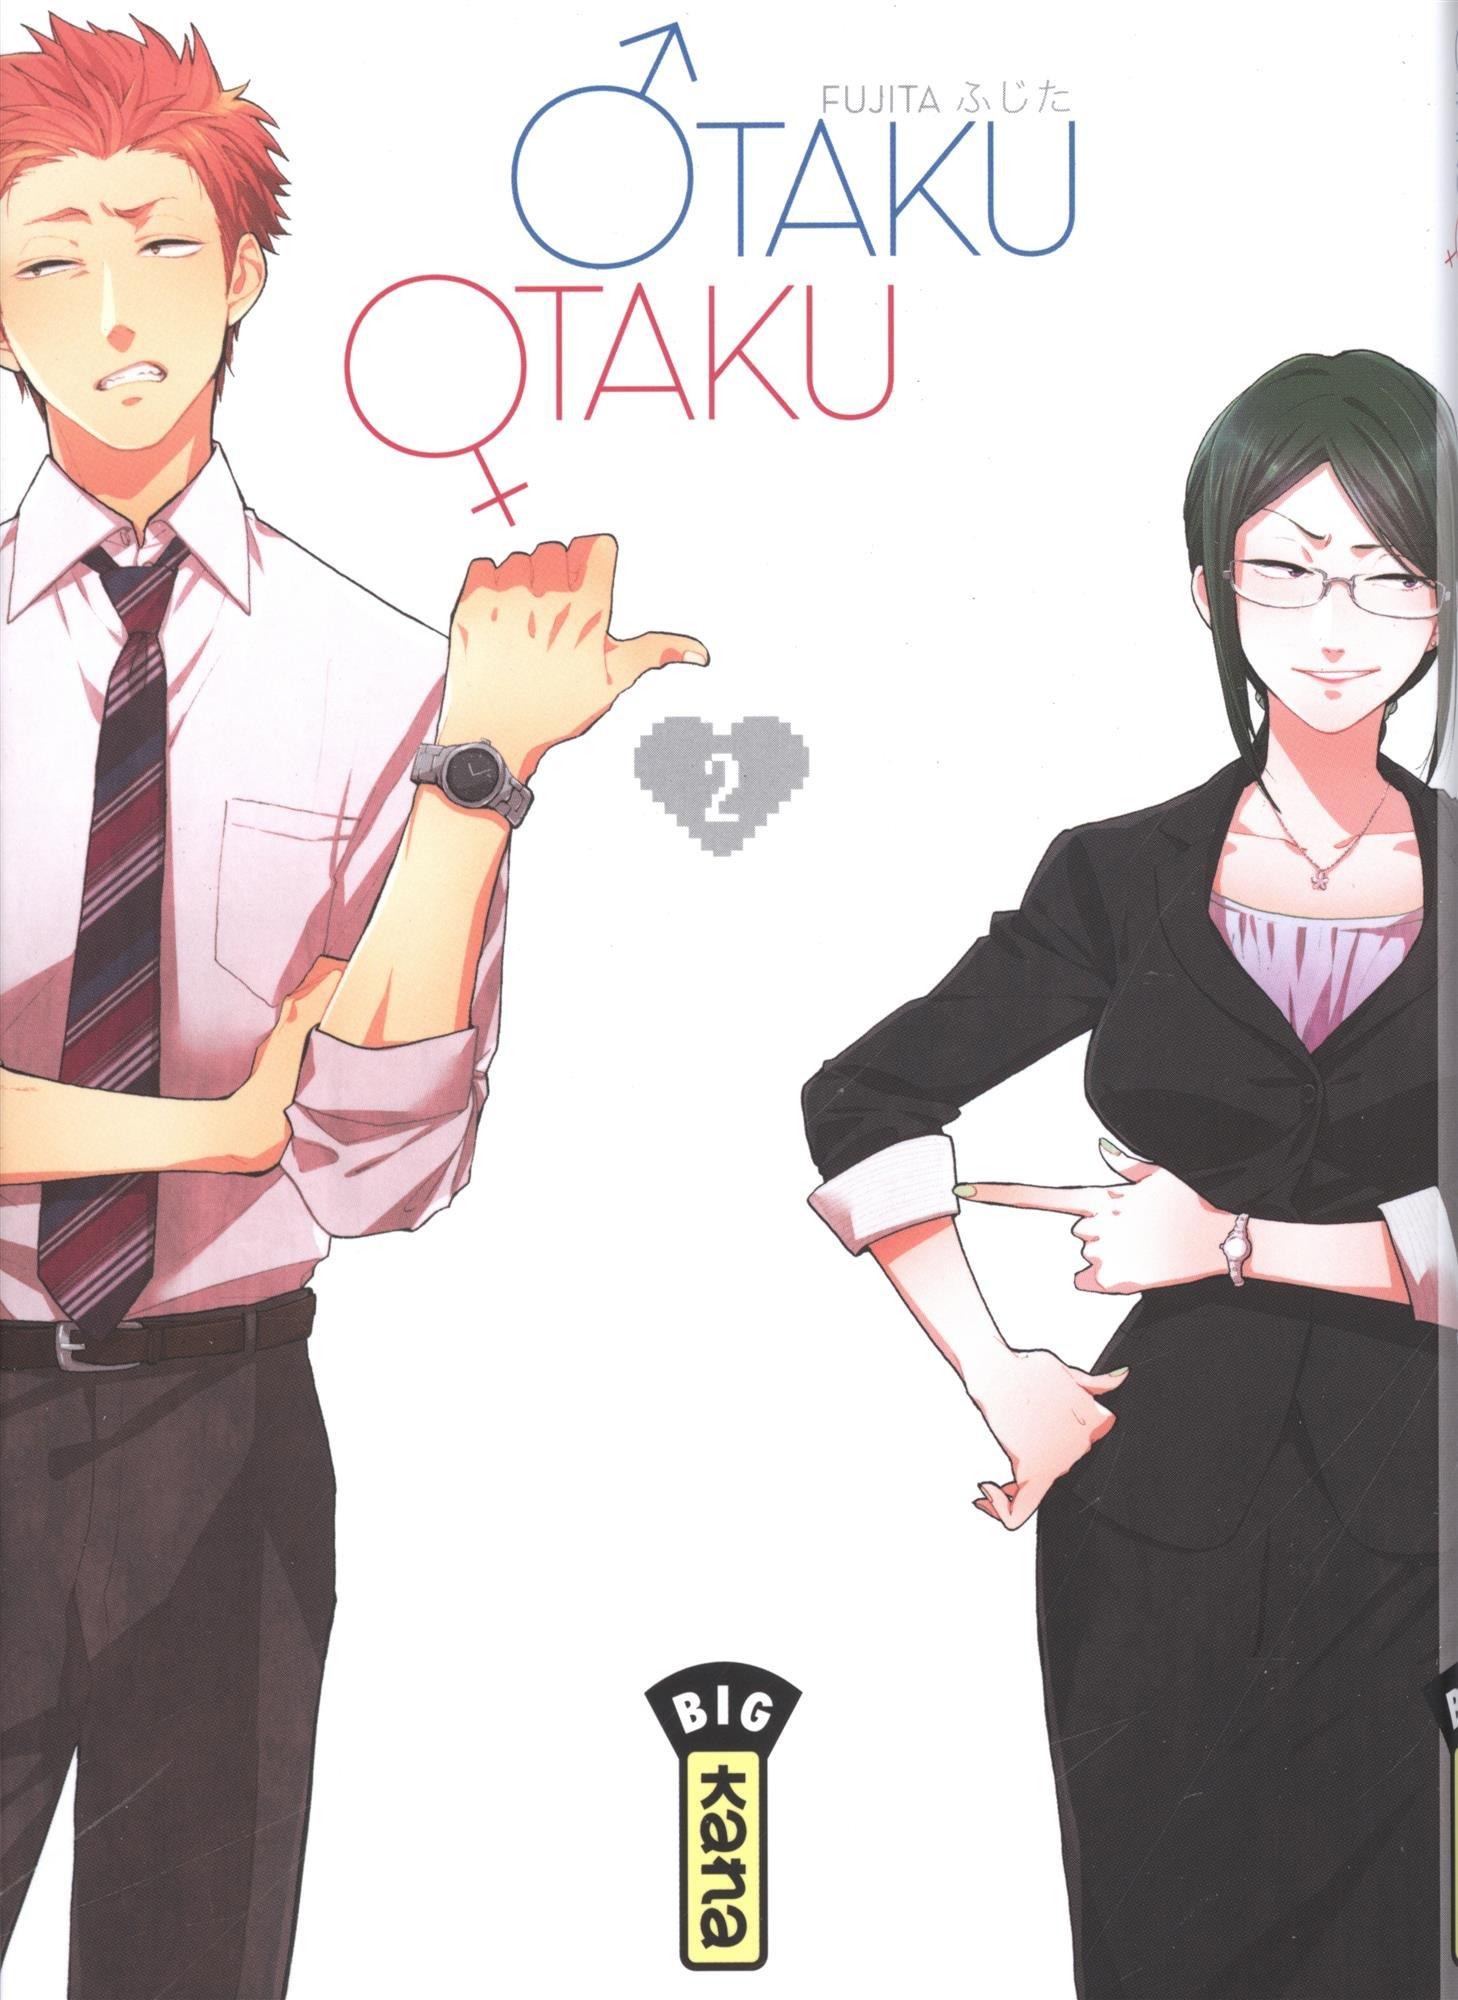 """Résultat de recherche d'images pour """"otaku otaku kana tome 2"""""""